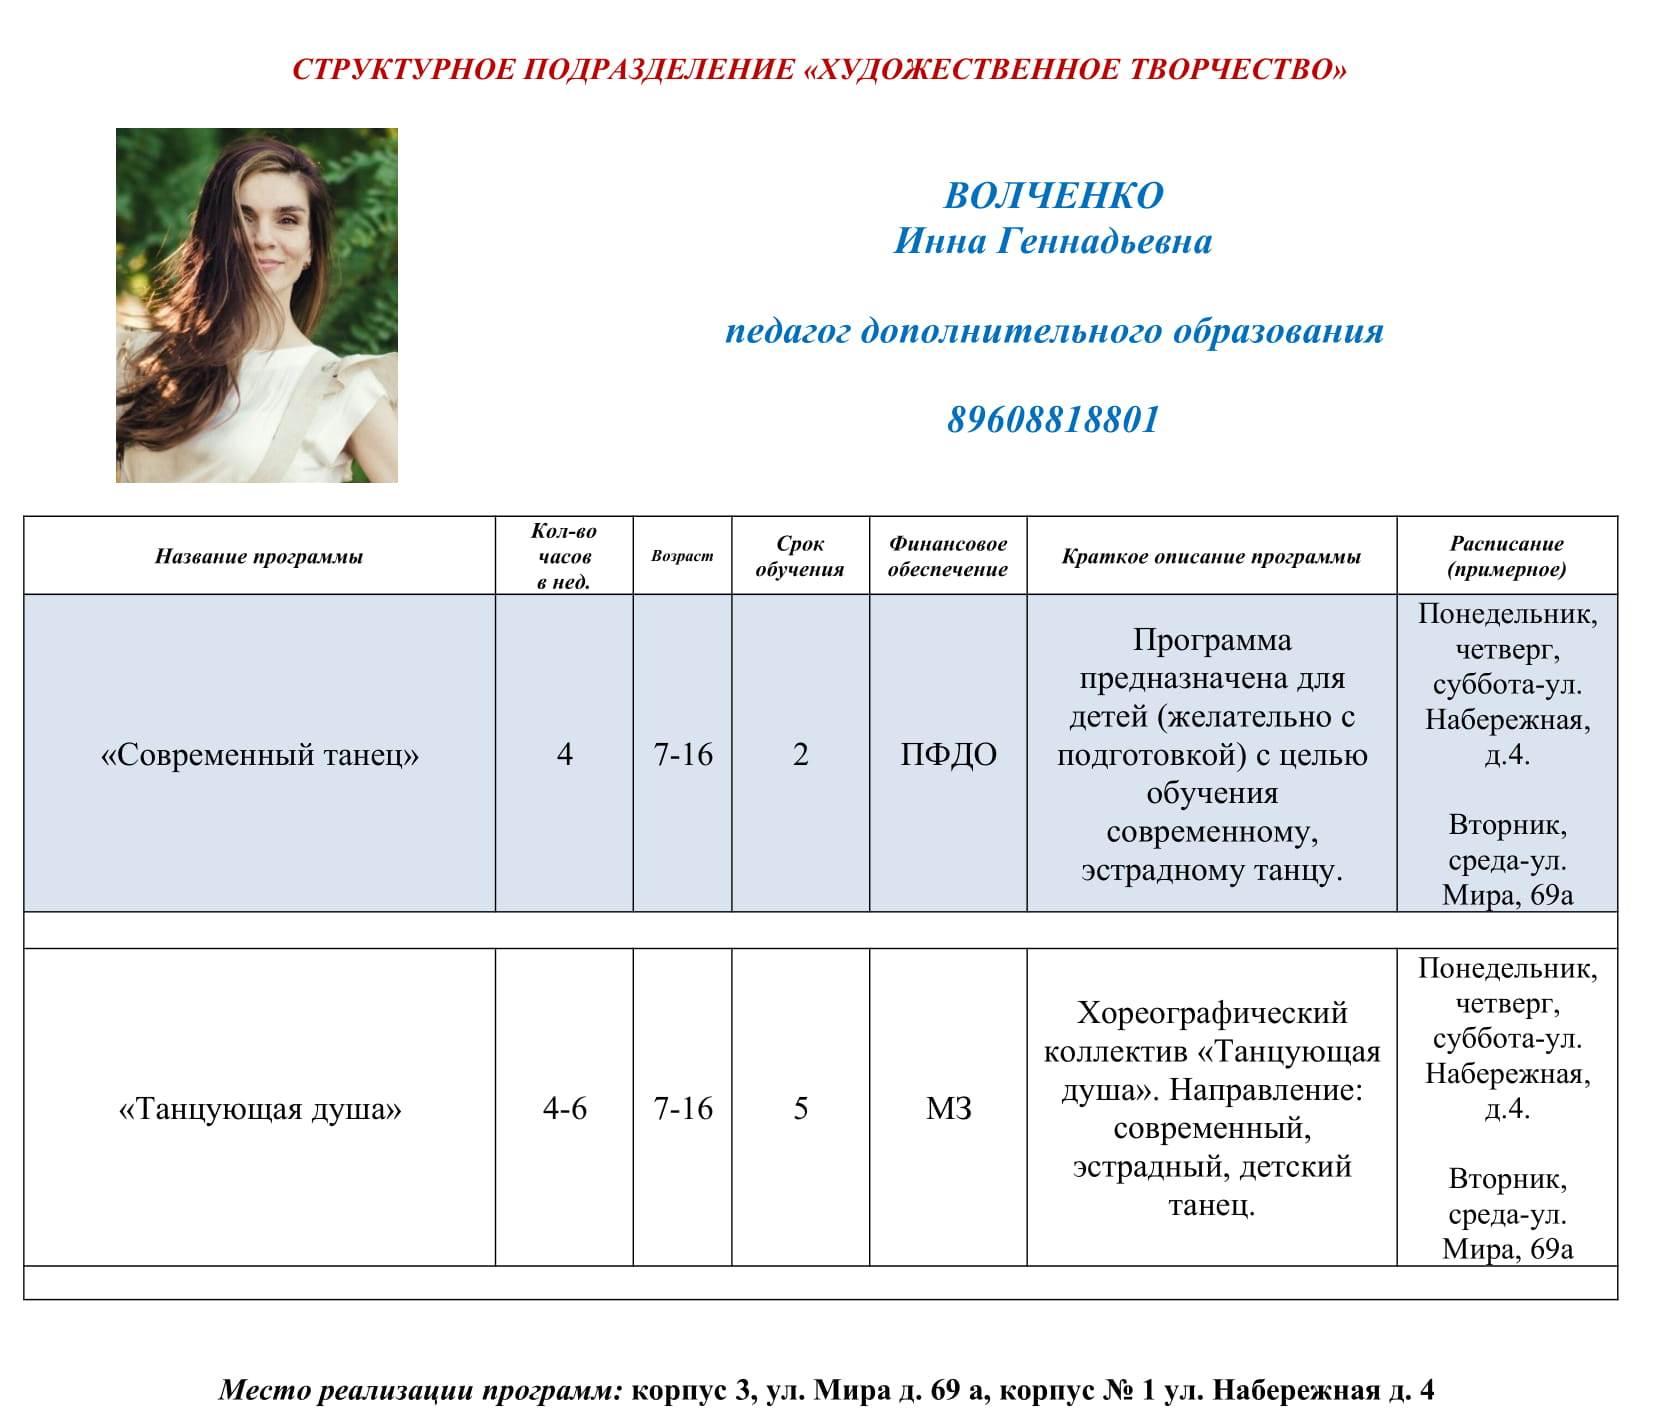 Волченко ИГ-1